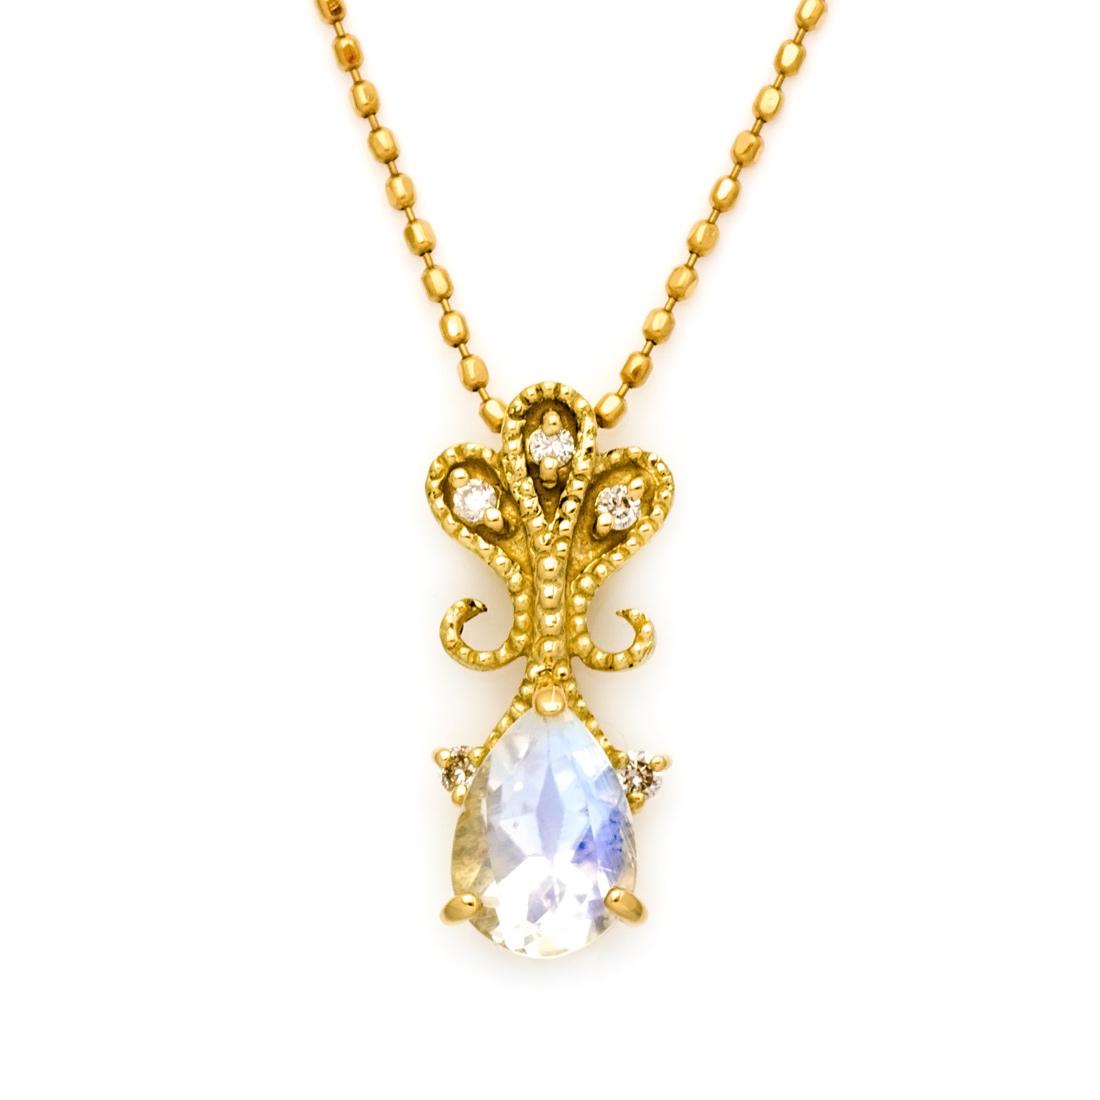 【GWクーポン配布中】ペンダントトップ ブルームーンストーン ダイヤモンド ゴールド K18 「lacrima」 送料無料